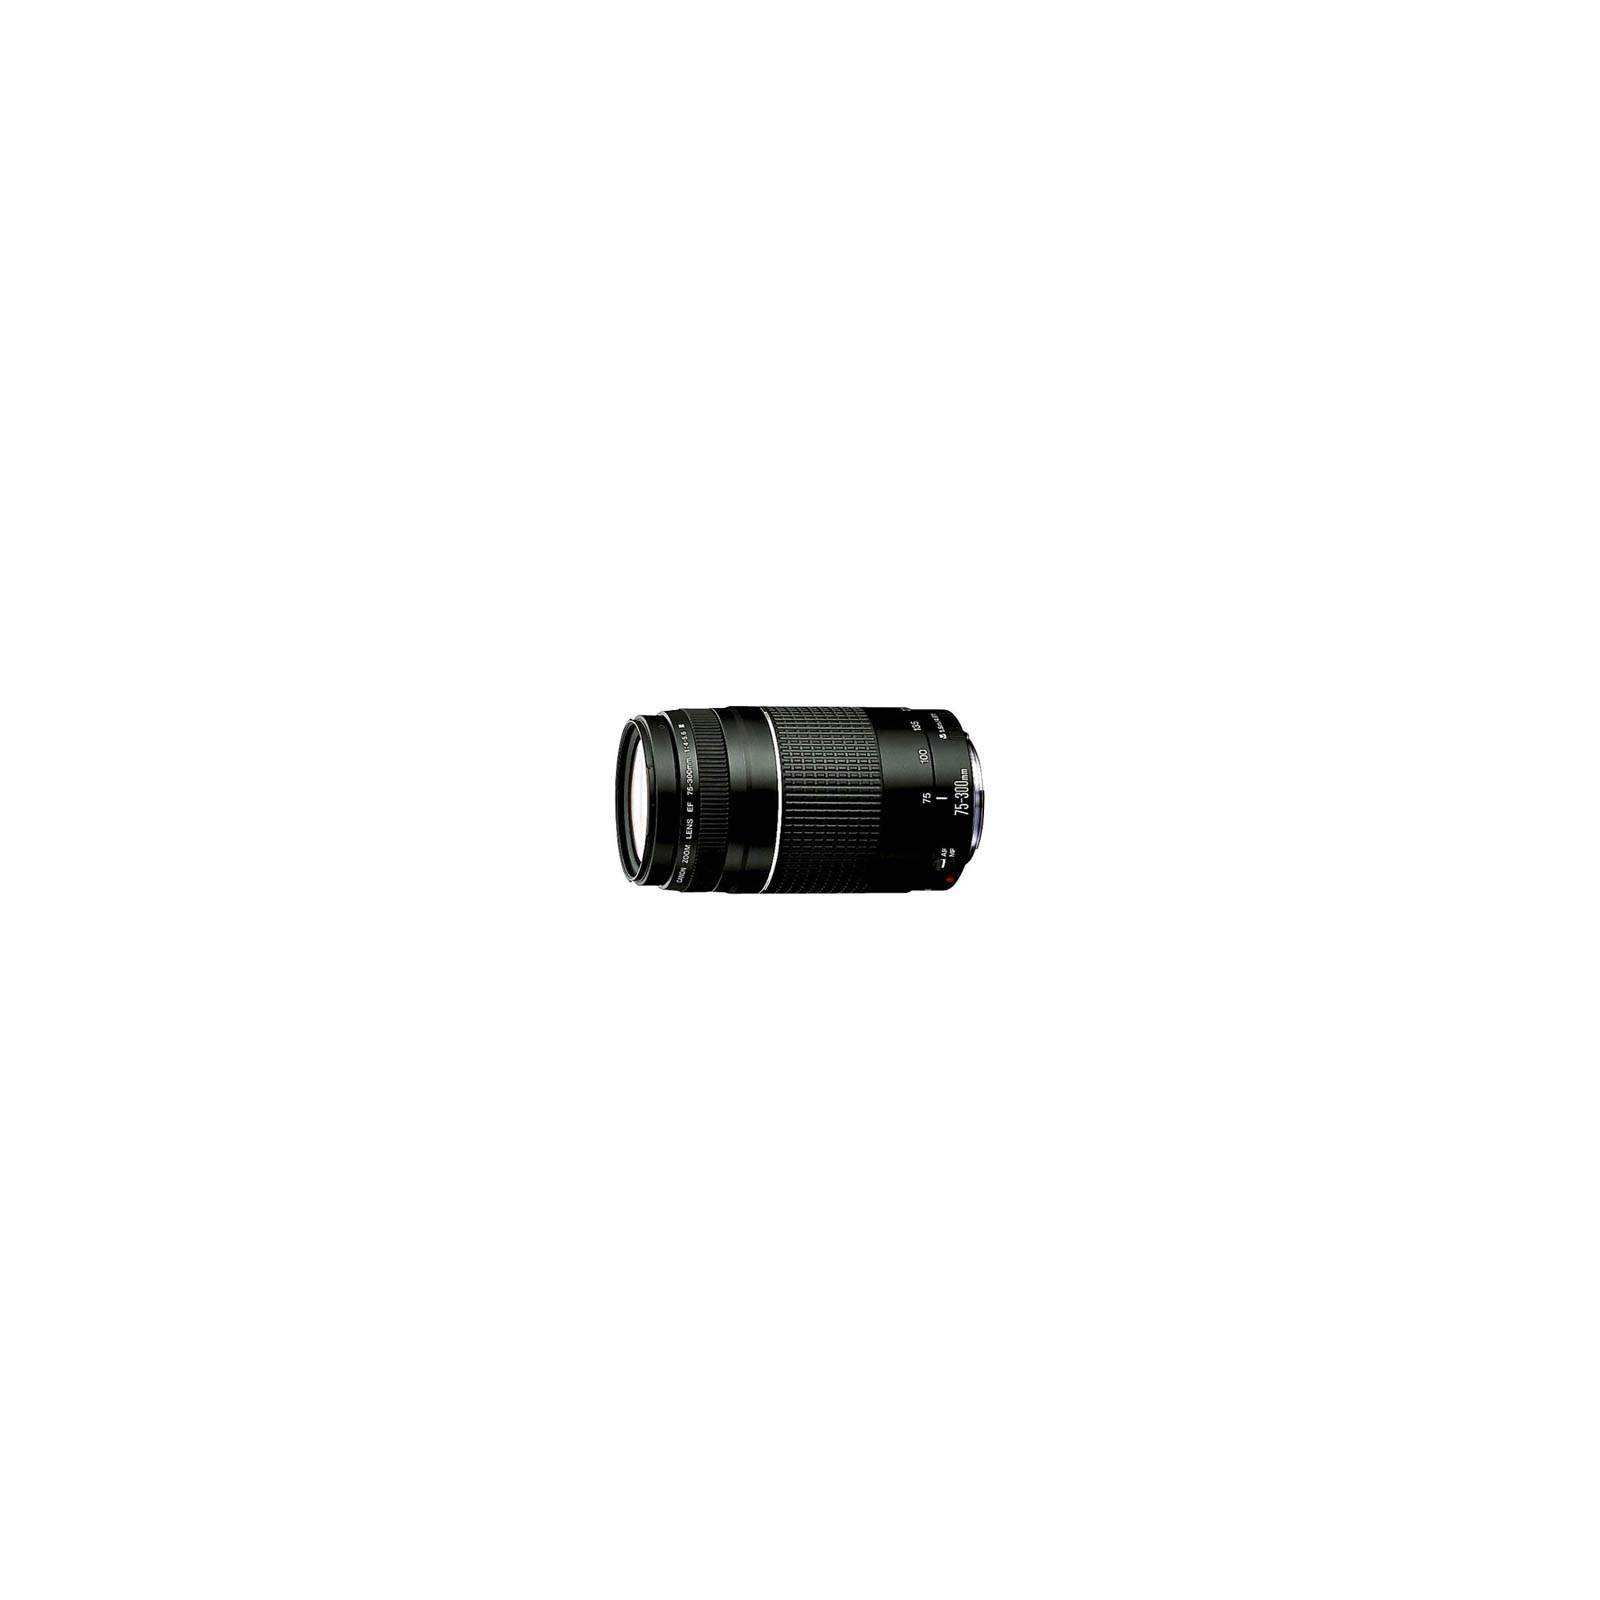 Объектив Canon EF 75-300mm f/4-5.6 III (6473A015)